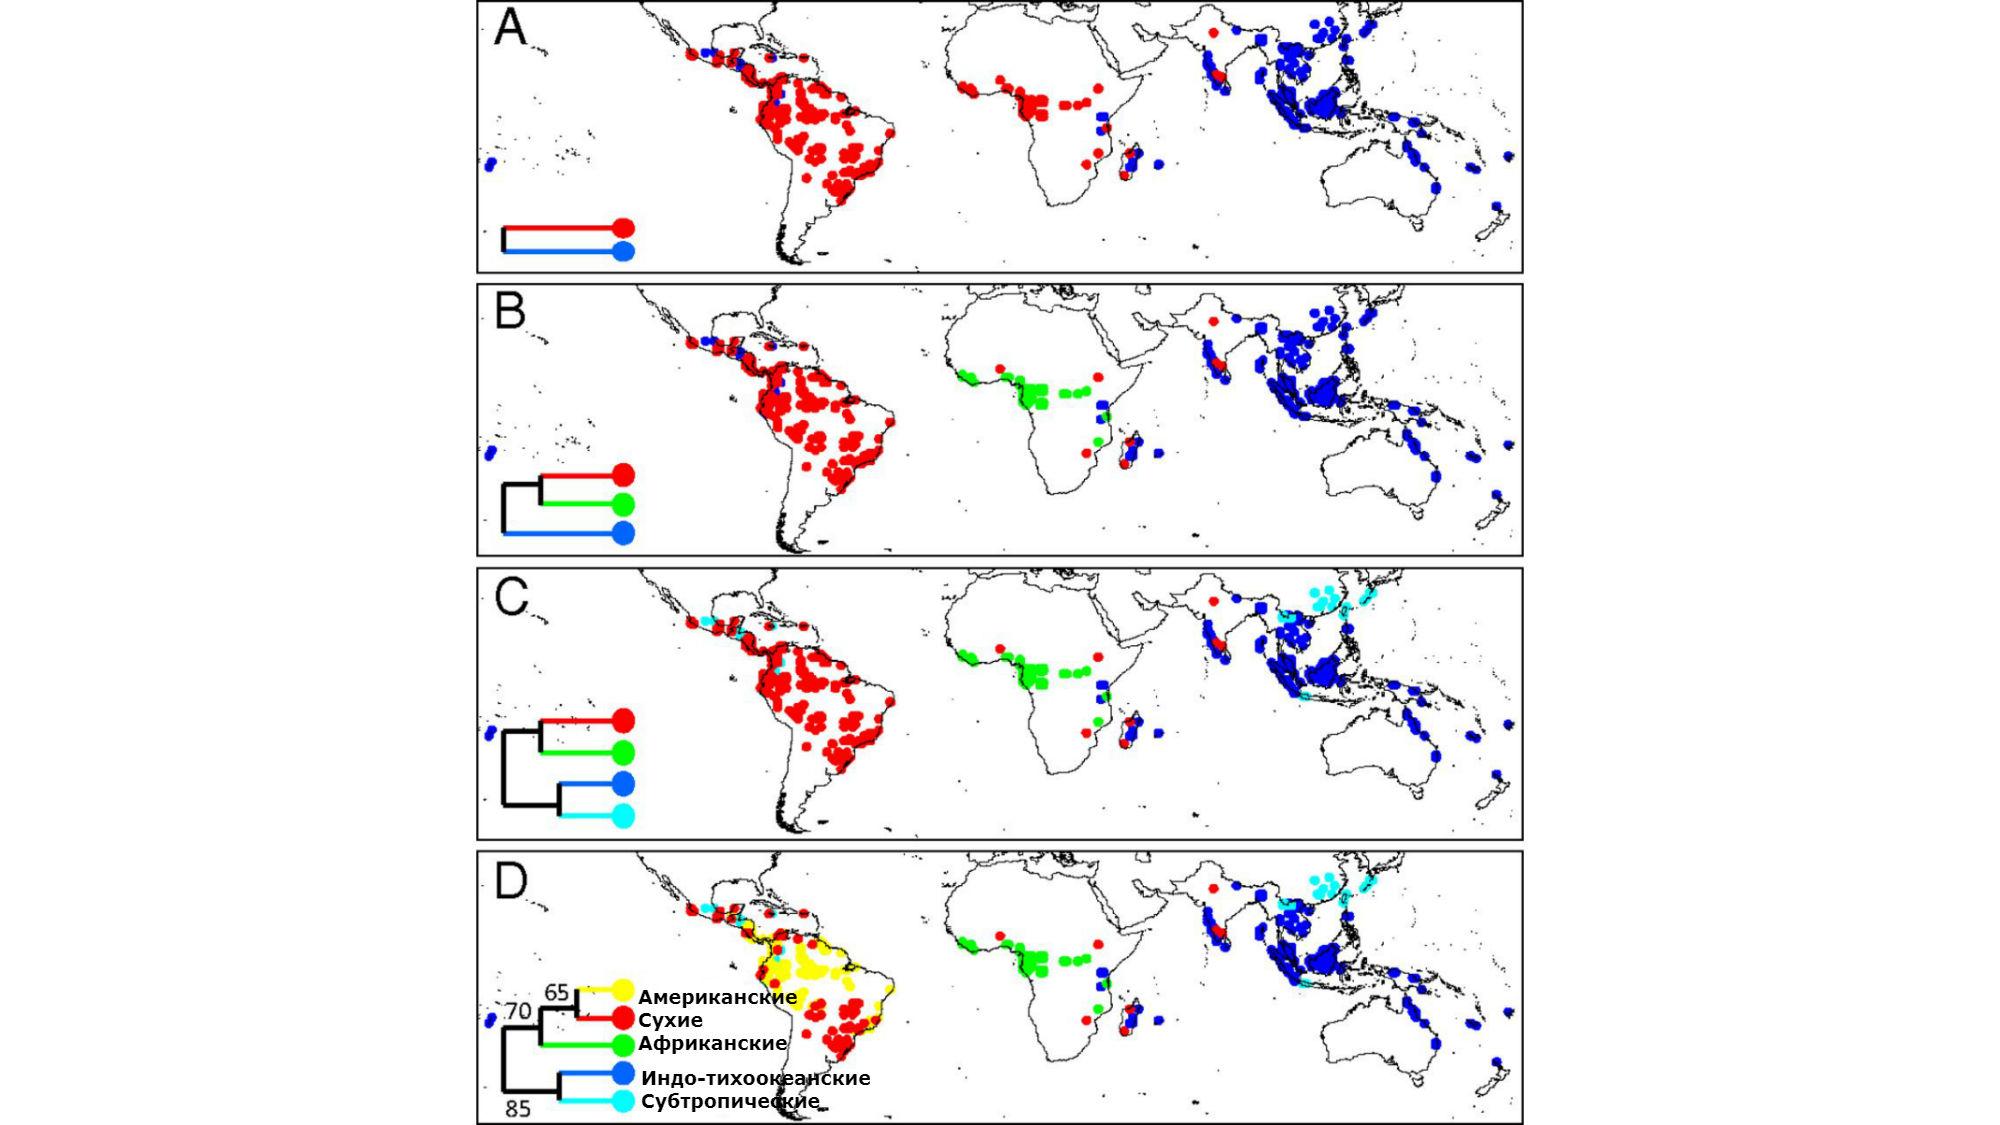 Филогенетическая классификация тропических лесов (Африка, Евразия, Австралия и острова Тихого и Индийского океанов). Показано постепенное разделение (цифры √ миллионы лет).